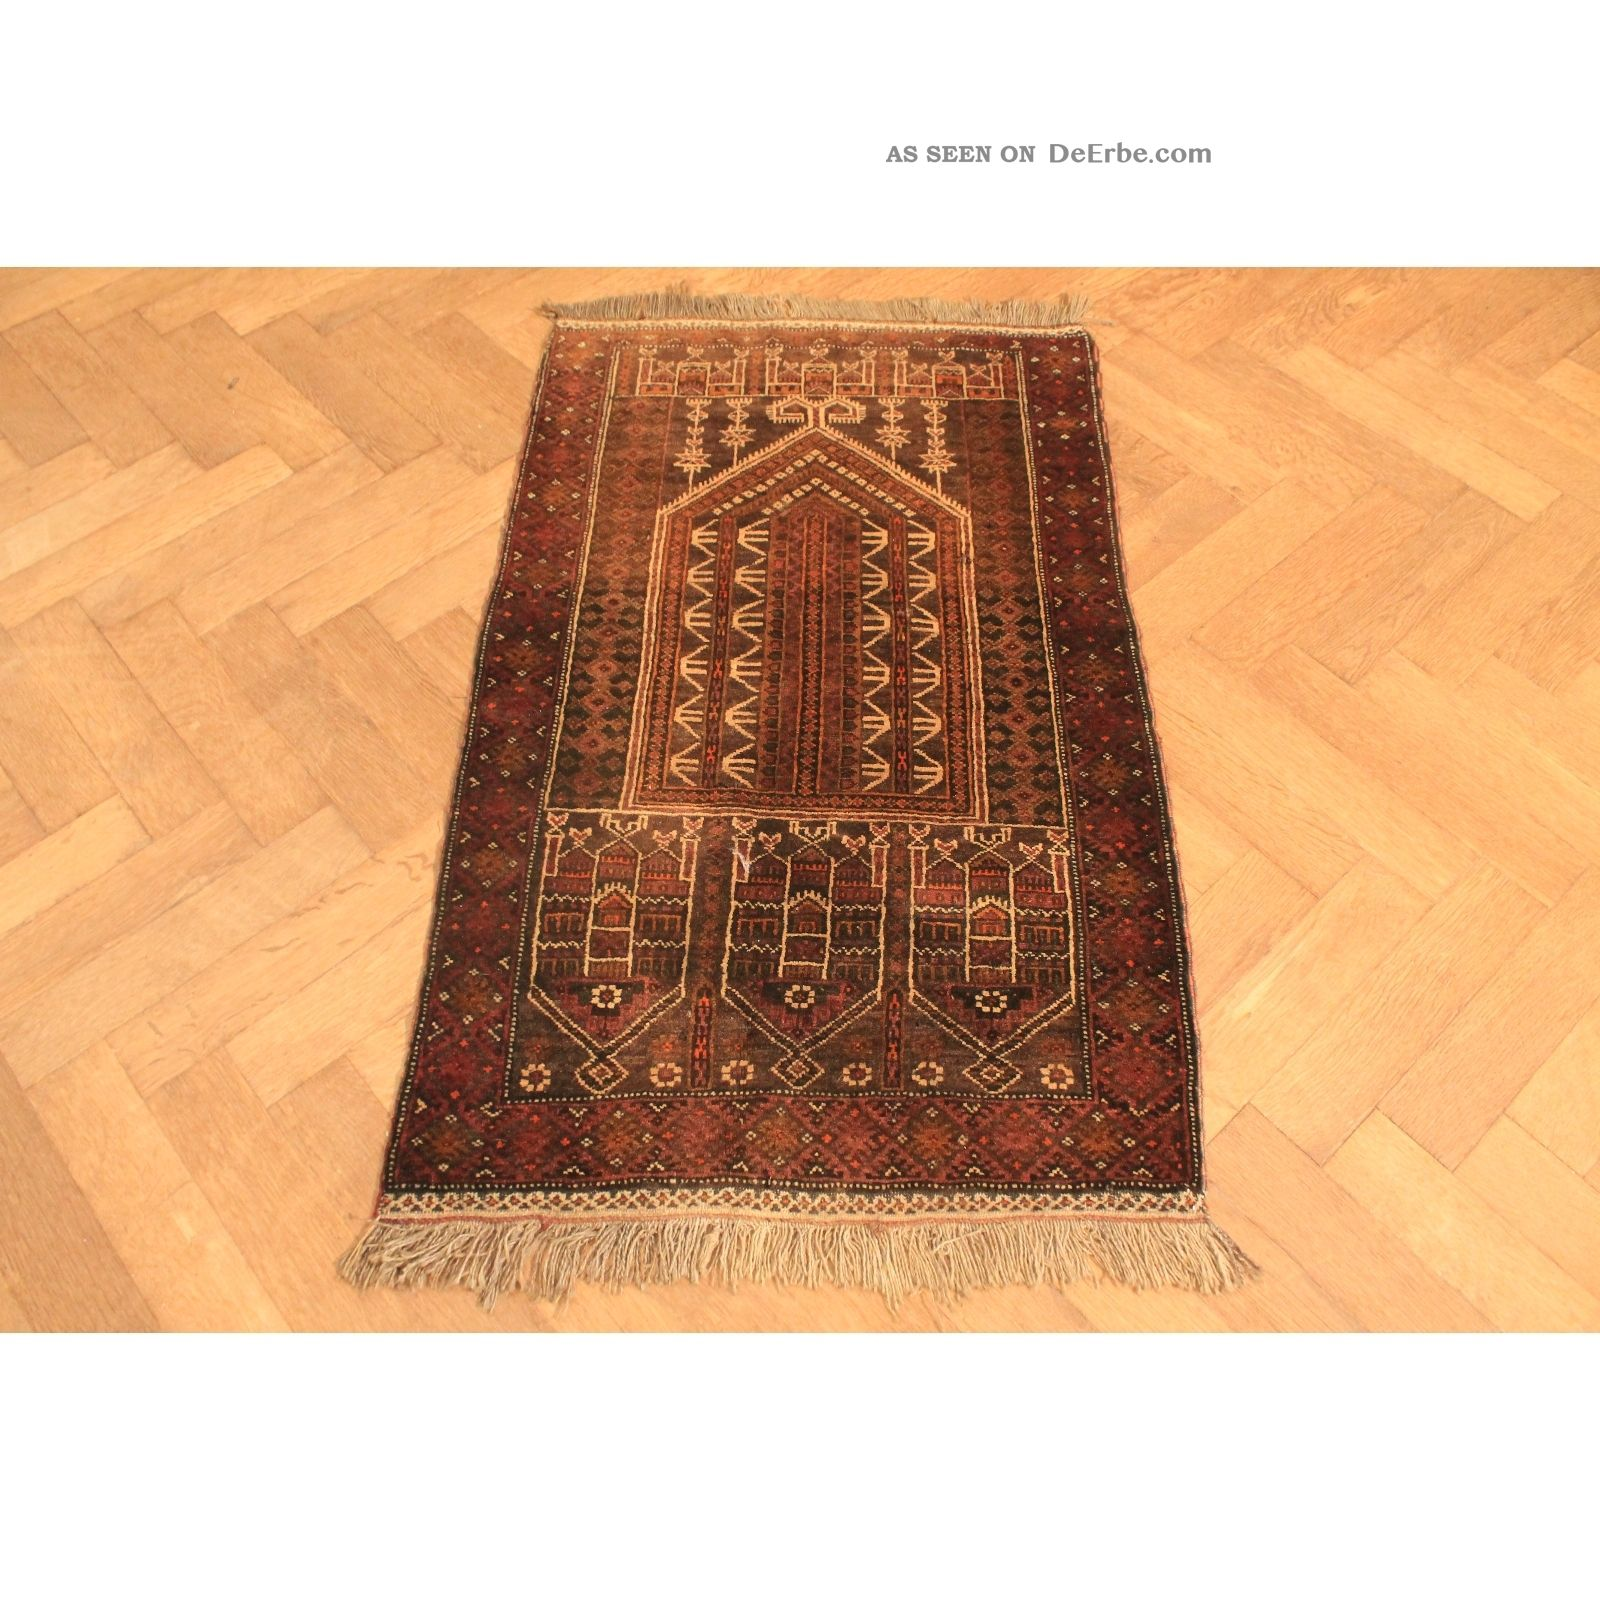 Alter Handgeknüpfter Orient Teppich Belutsch Art Deco Old